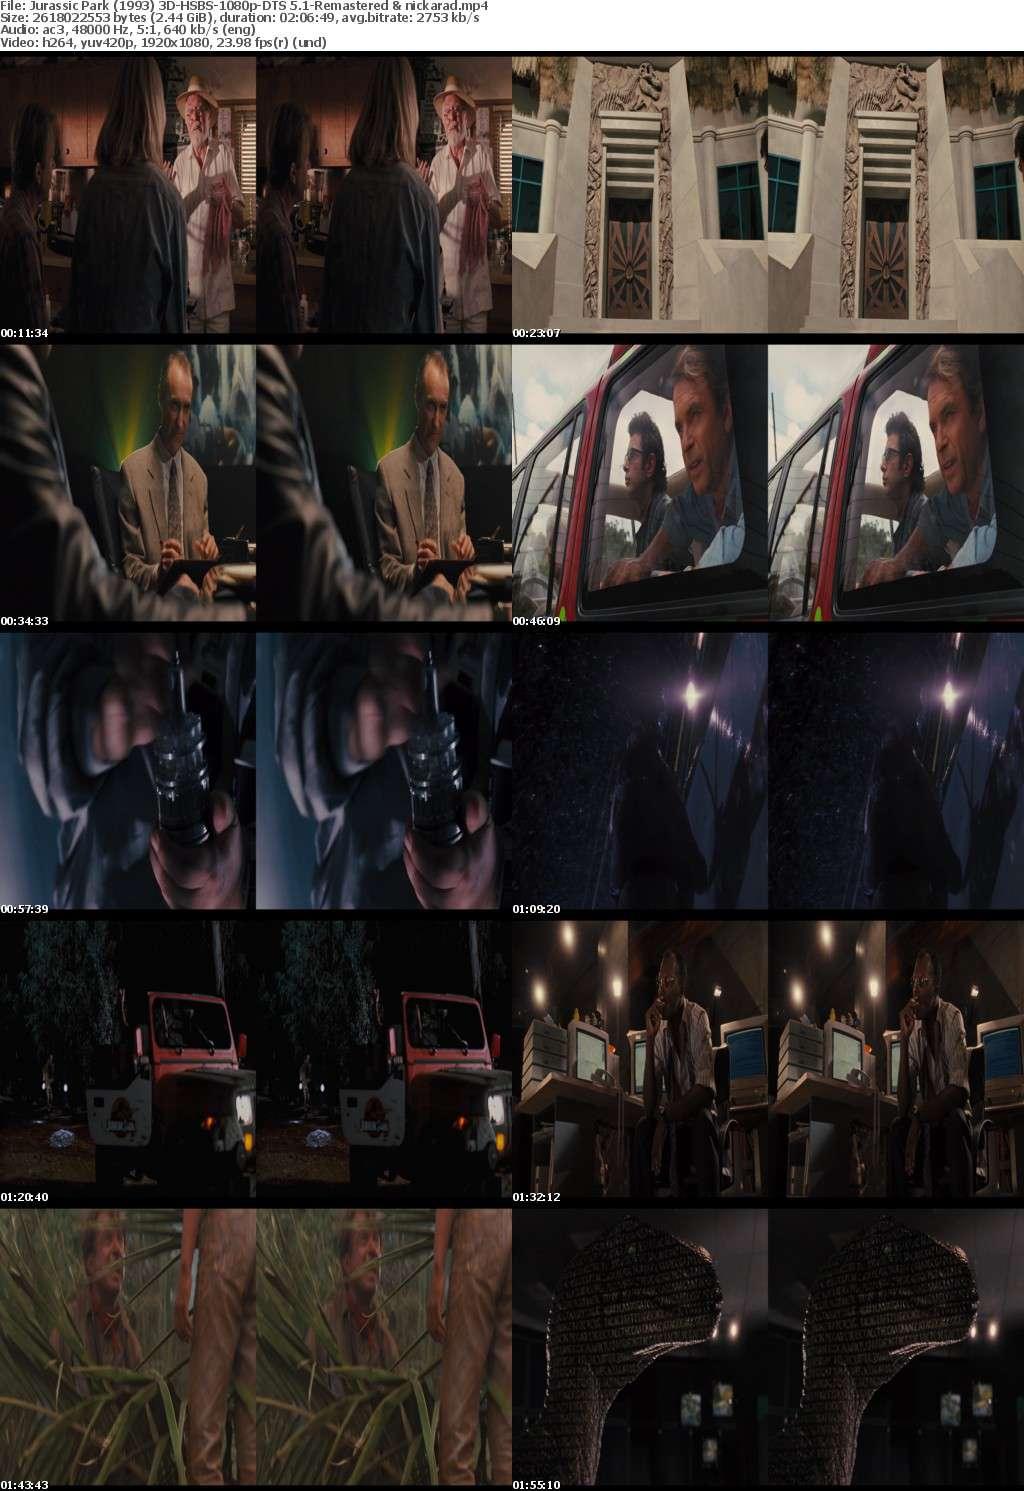 Jurassic Park (1993) 3D HSBS 1080p BluRay AC3 (DTS 5.1) Remastered-nickarad